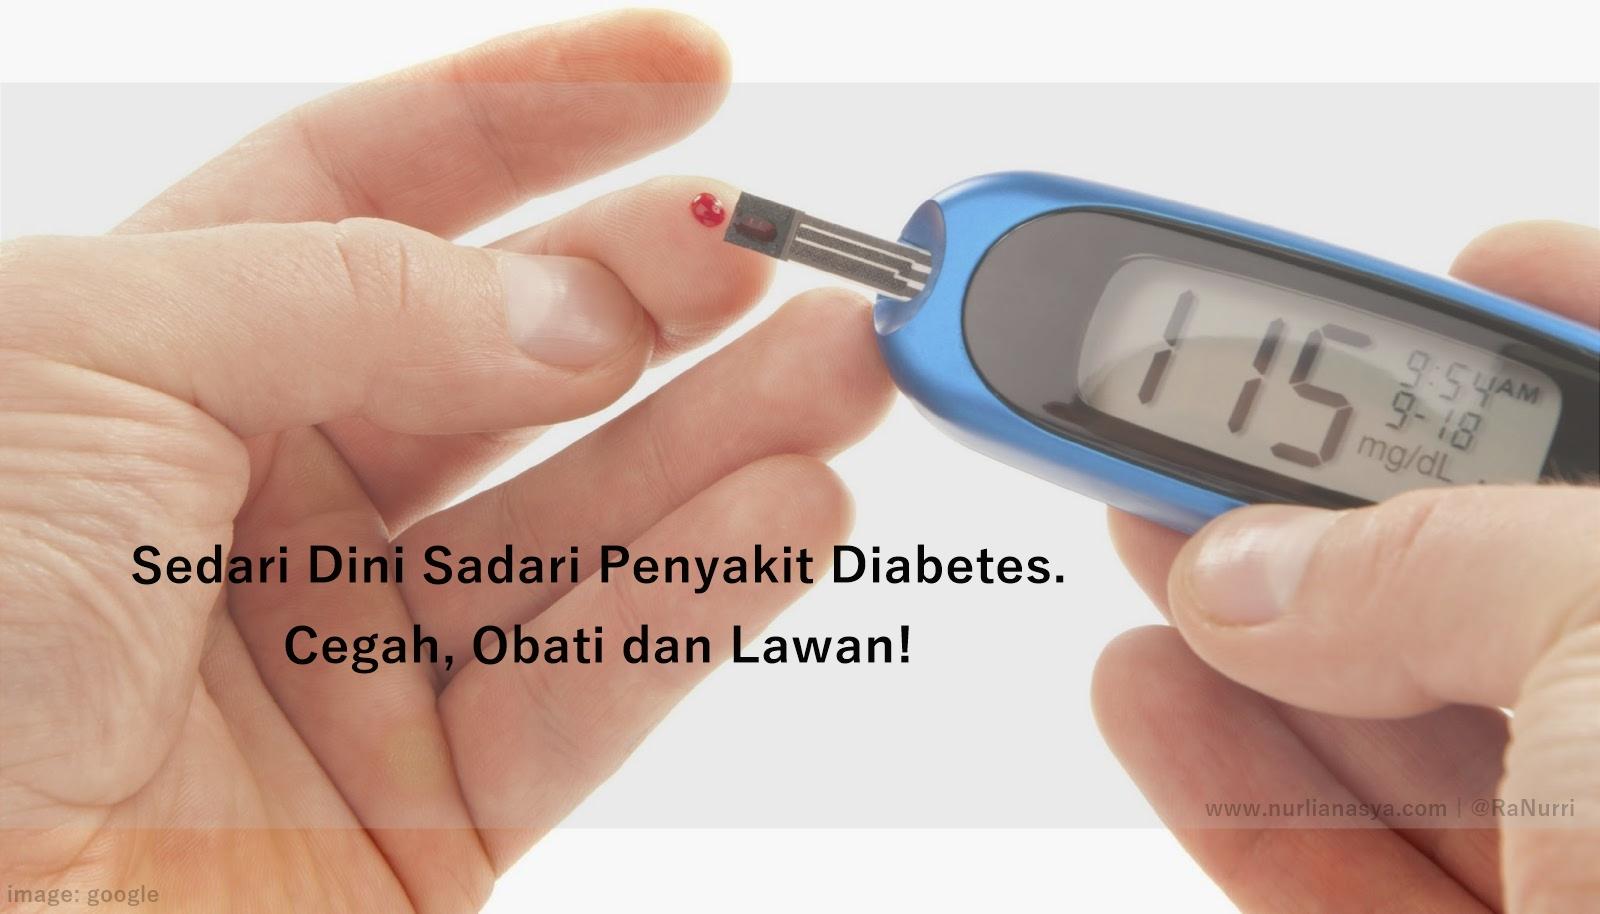 semoga kamu bahagia dengan diabetes